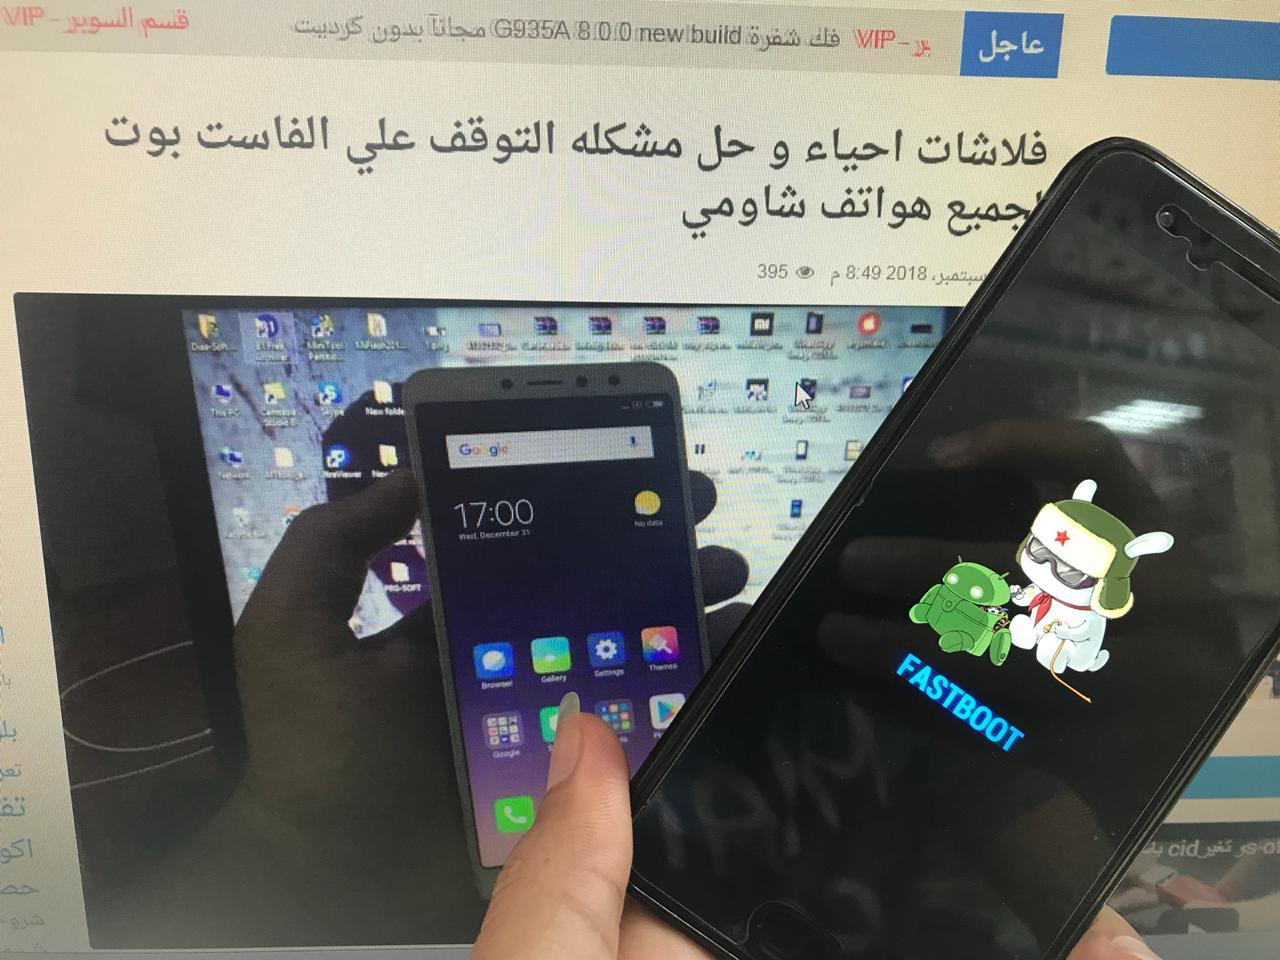 WhatsApp Image 2018-09-22 at 5.33.59 AM